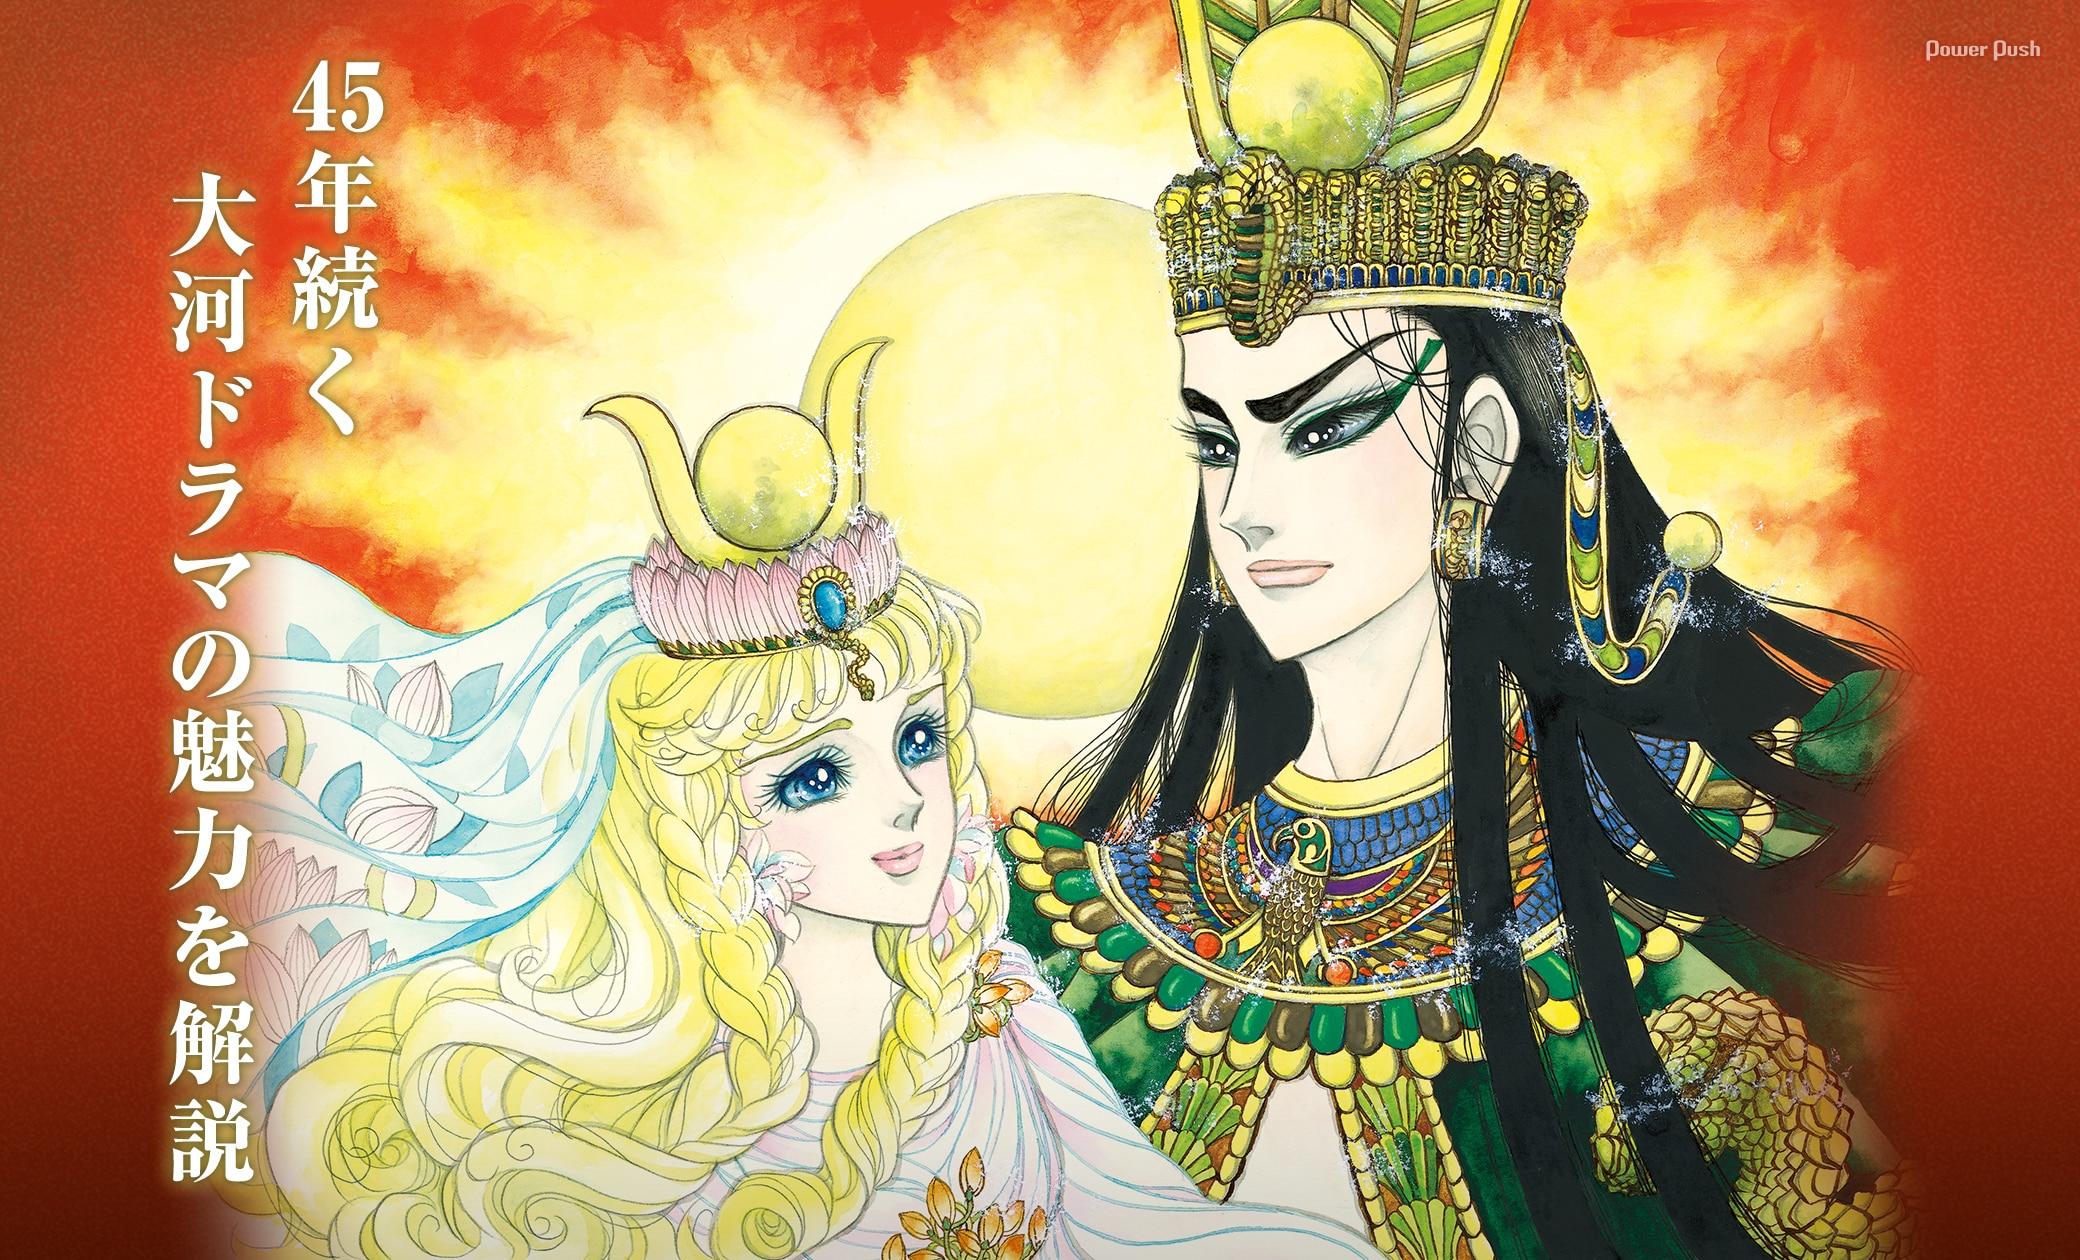 今こそ読もう「王家の紋章」45年続く大河ドラマの魅力を解説、ミュージカルキャスト13人からもコメント到着